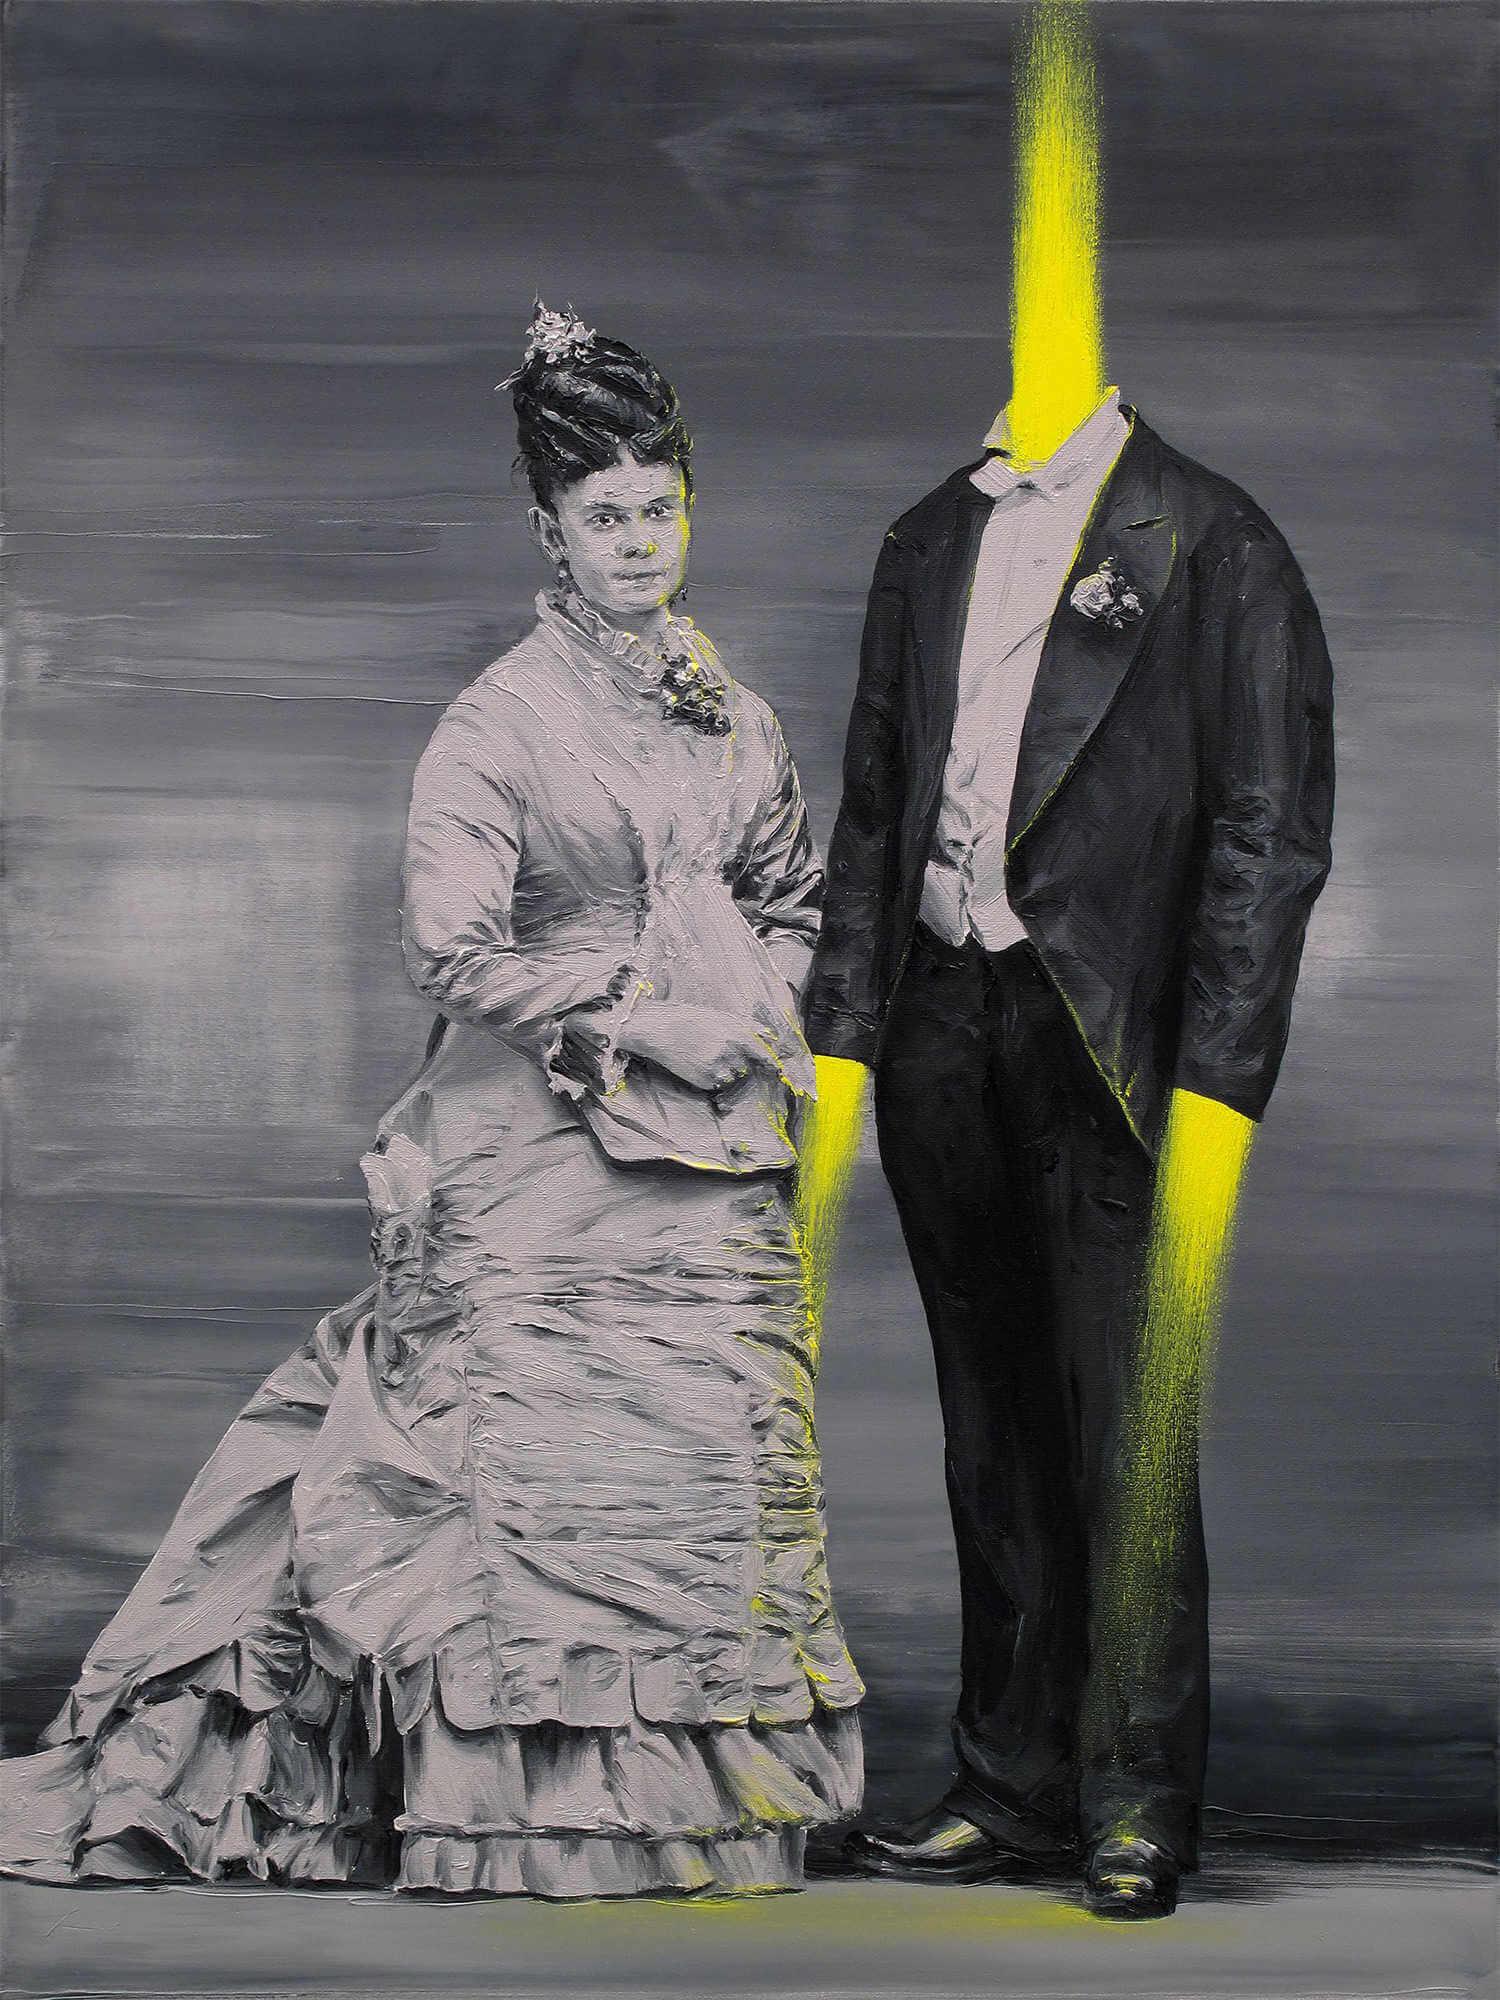 Pintura al oleo surrealista de paco pomet de matrimonio y hombre explotado